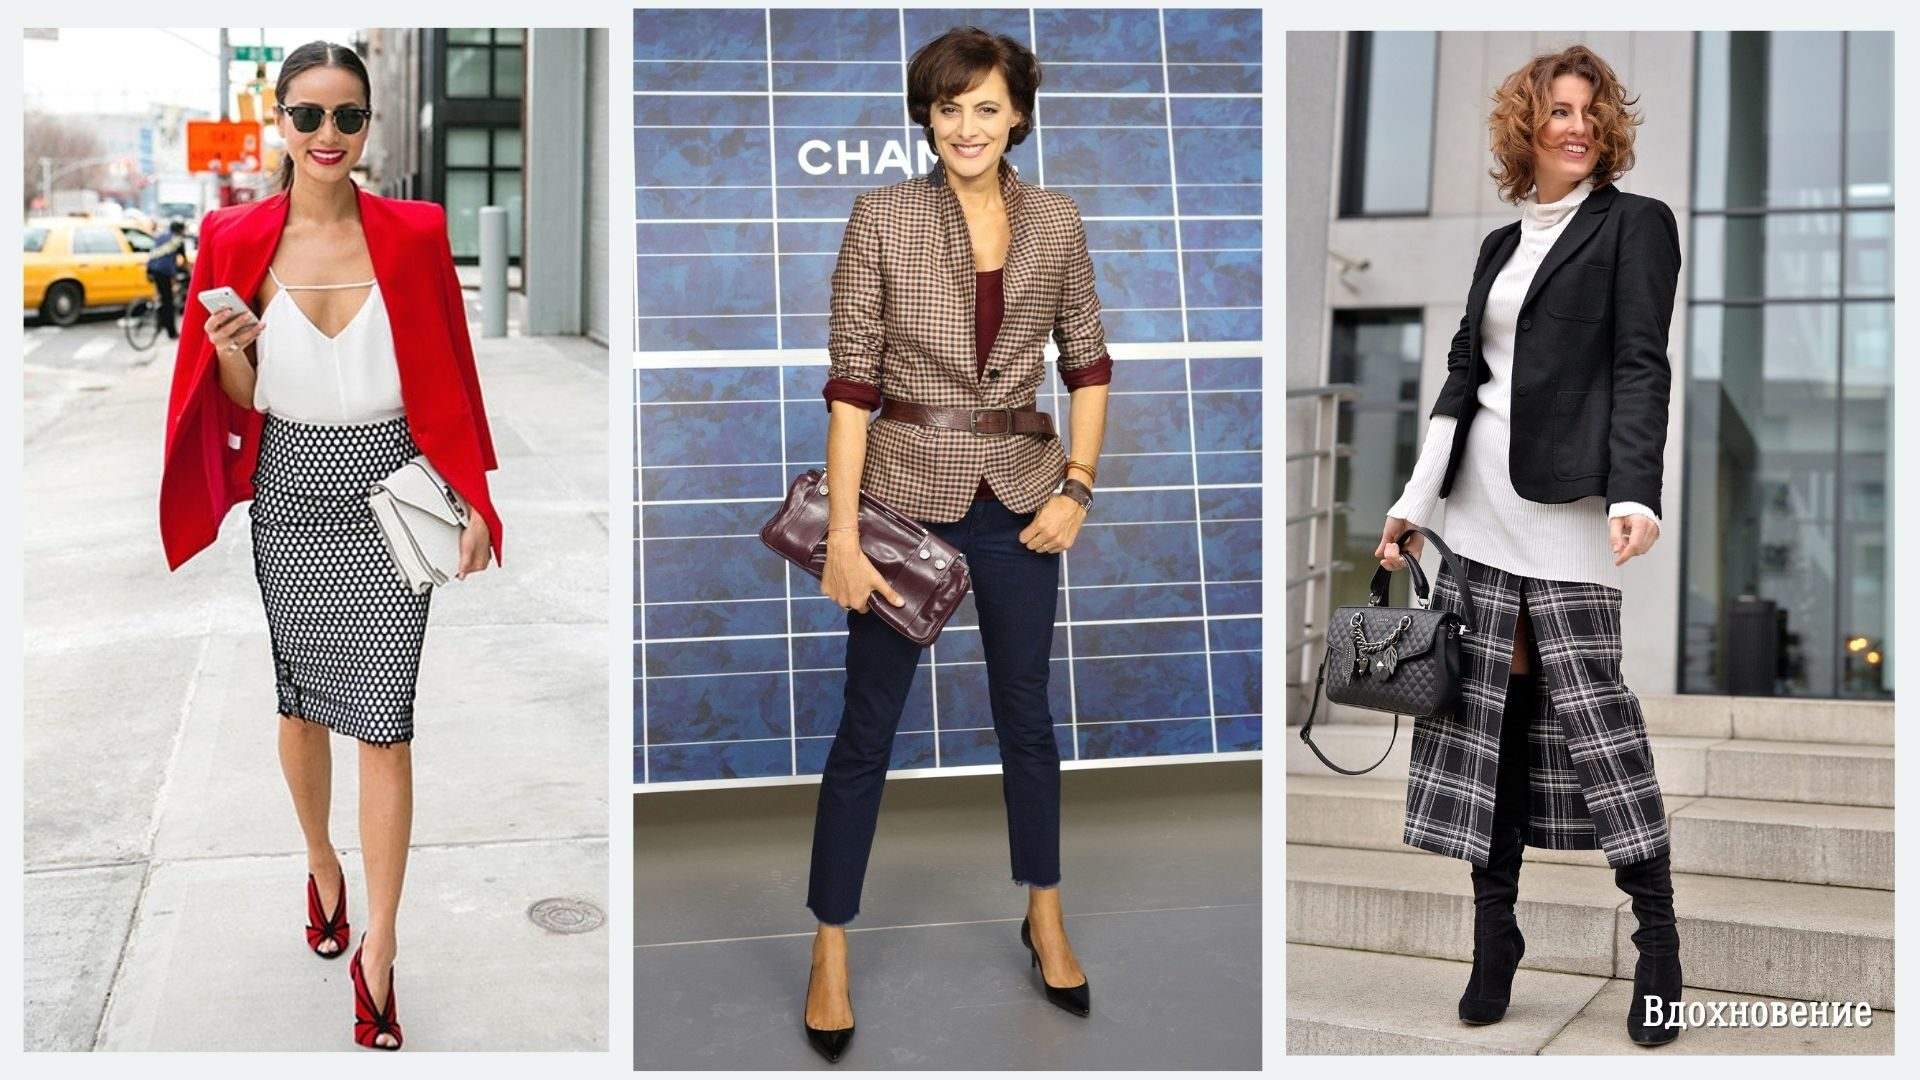 Жакет: как носить стильно в новом сезоне